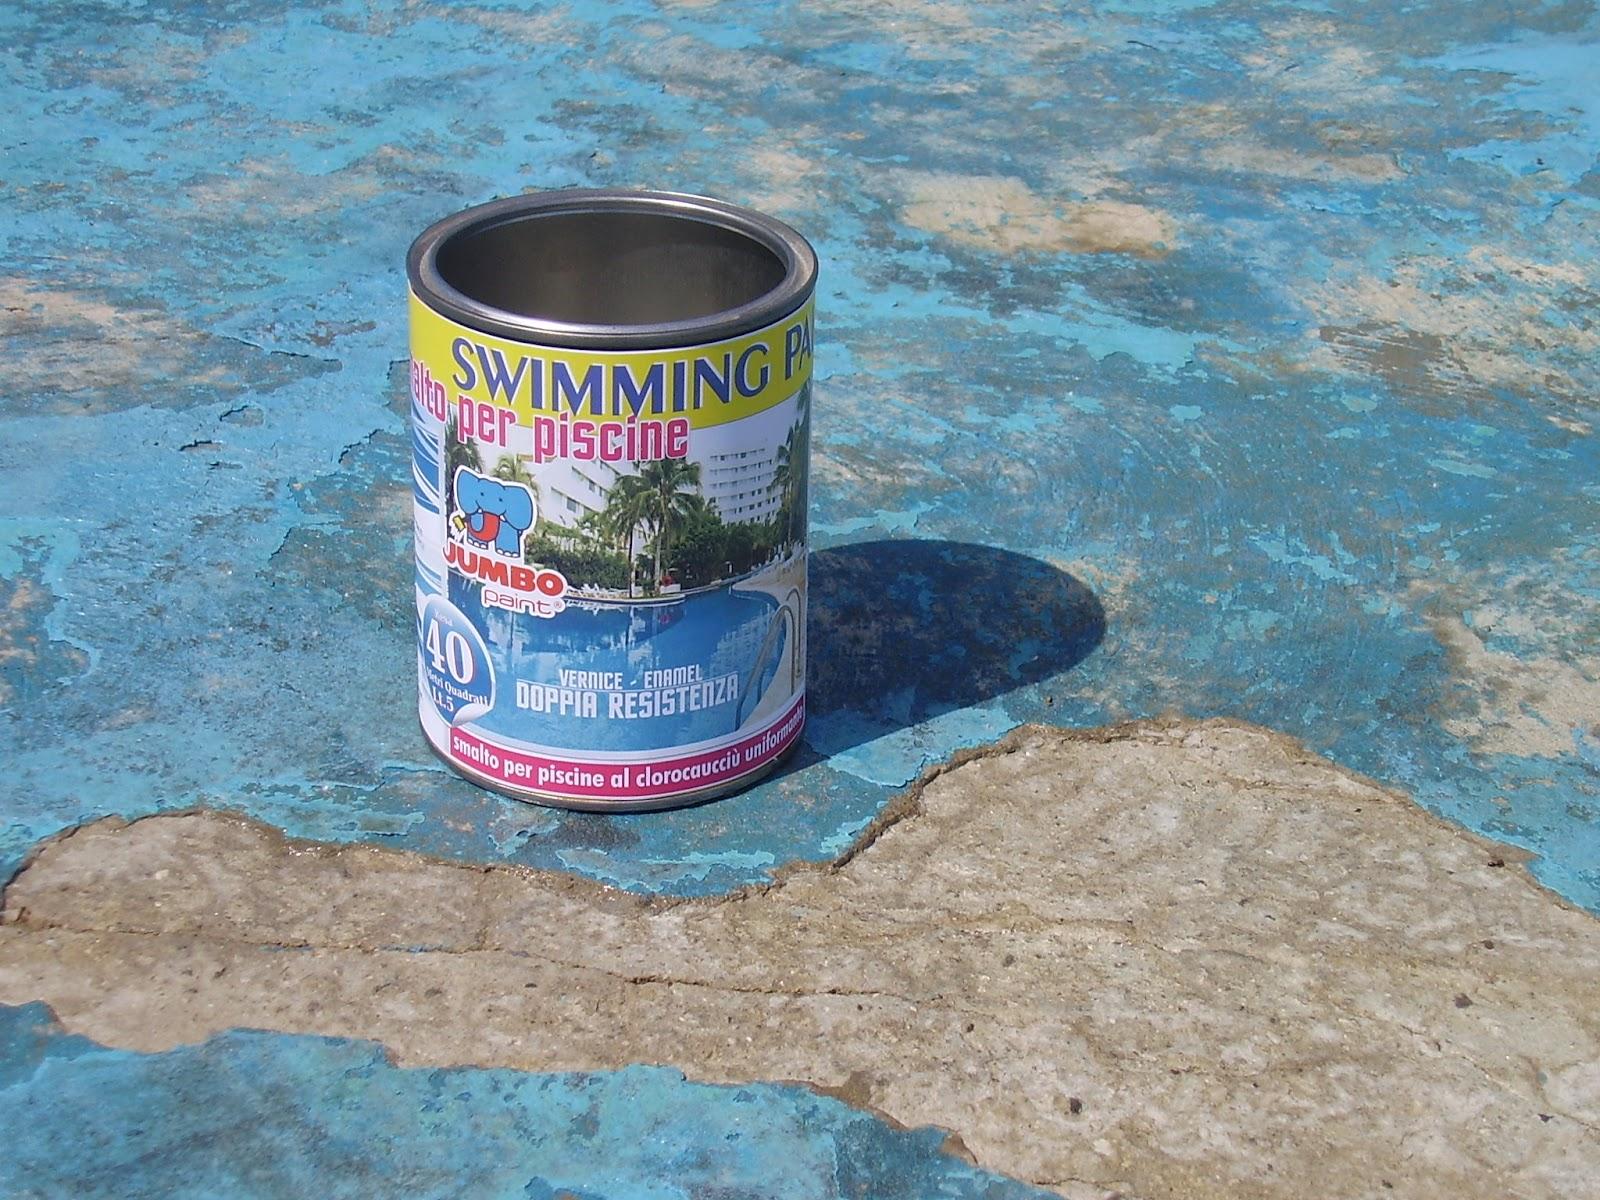 Pittura Per Cemento : Vernice per piscina al clorocaucciu a prezzo di fabbrica smalto